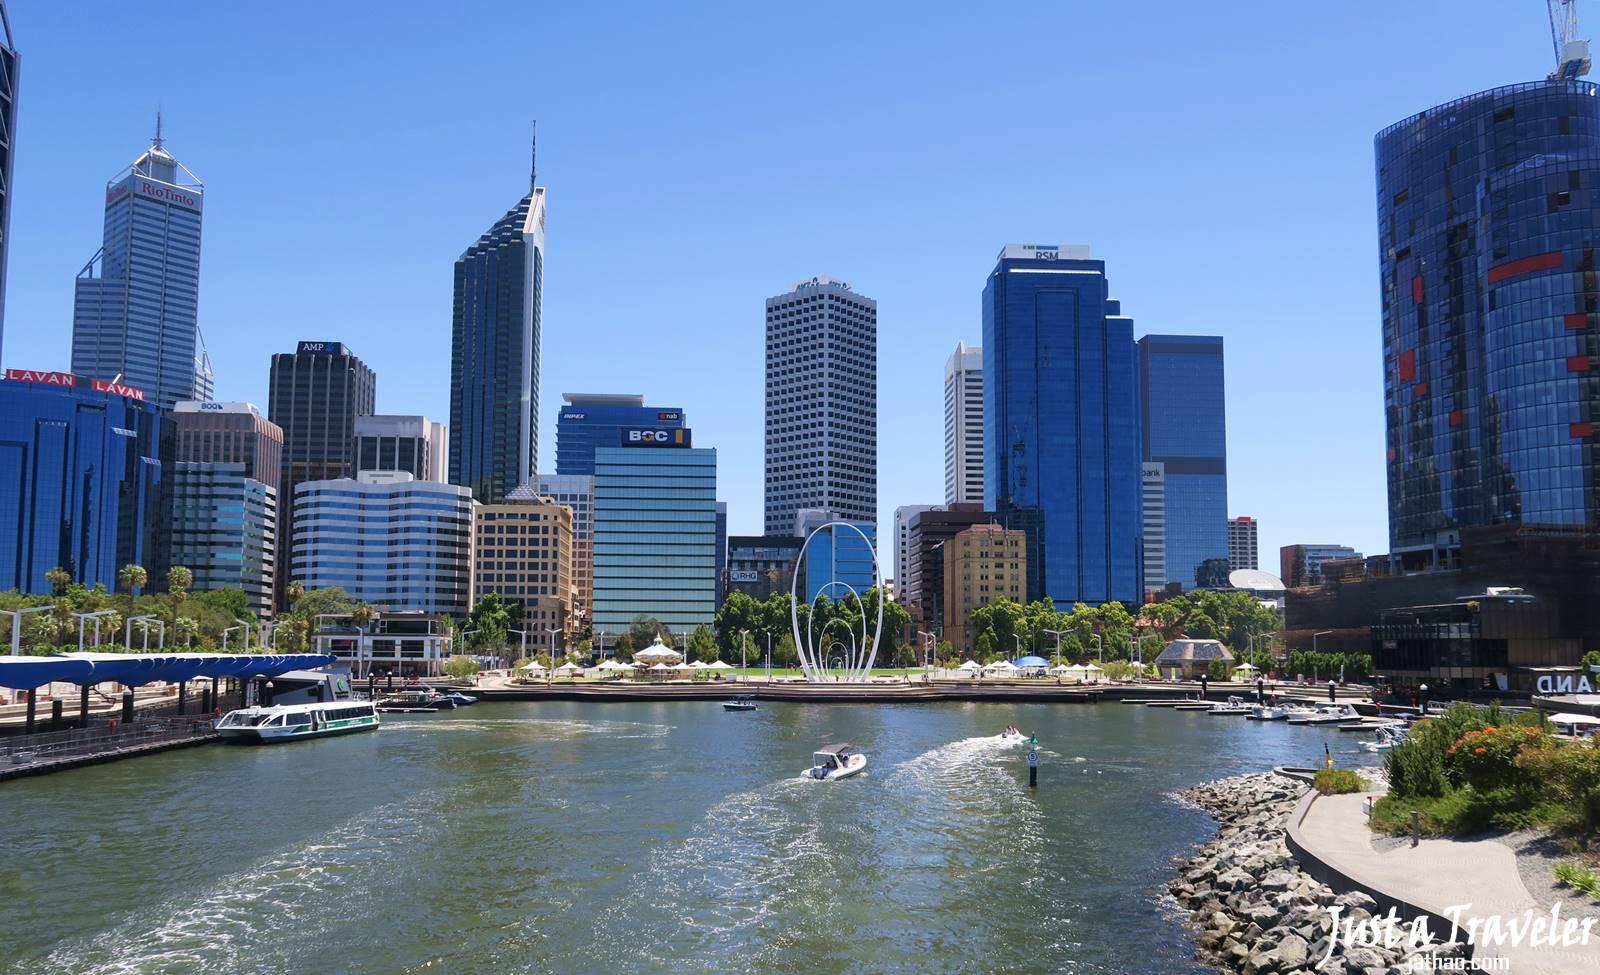 伯斯-市區-景點-推薦-伊莉莎白港-Elizabeth Quay-自由行-旅遊-必玩-必去-遊記-行程-Perth-Best-Tourist-Travel-Attraction